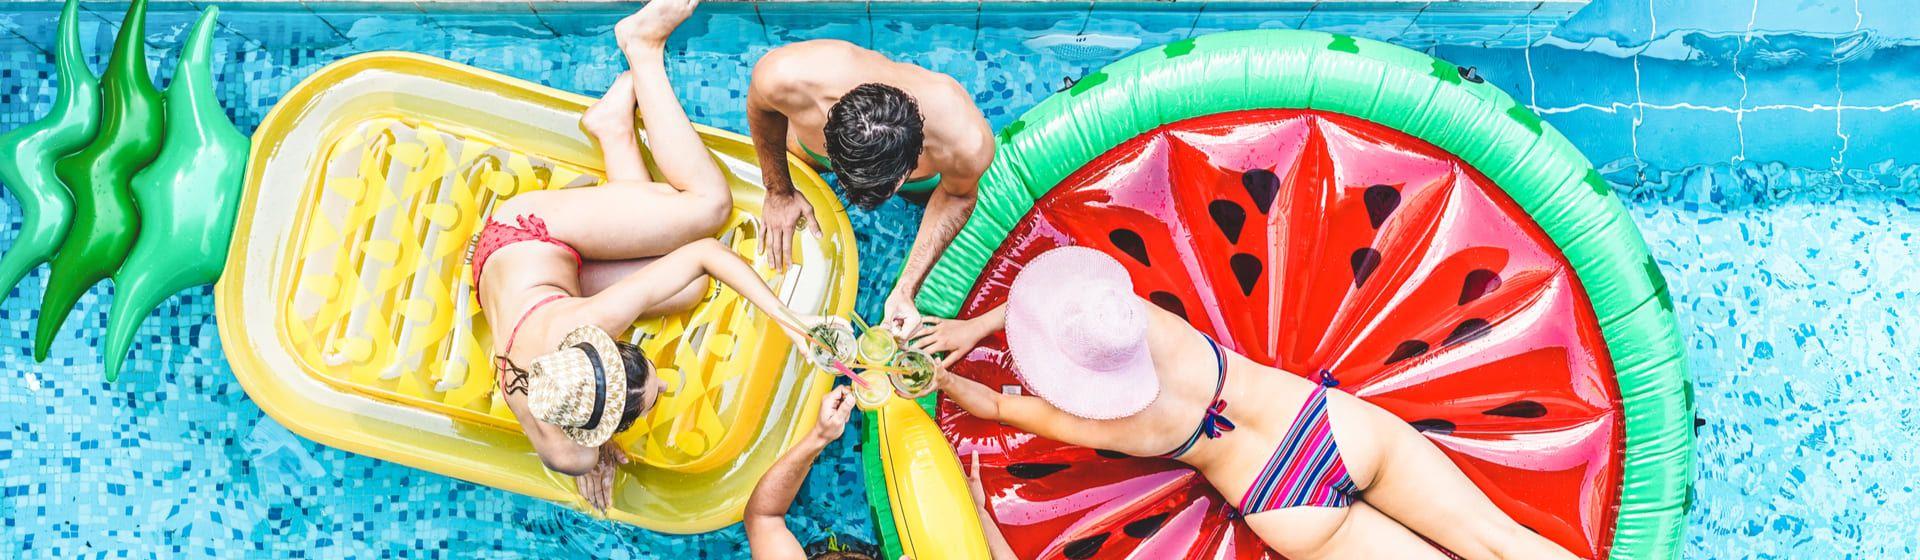 Carnaval na piscina: churrasqueira, soundbar, cooler... 6 itens para curtir o carnaval de 2021 em casa e na piscina